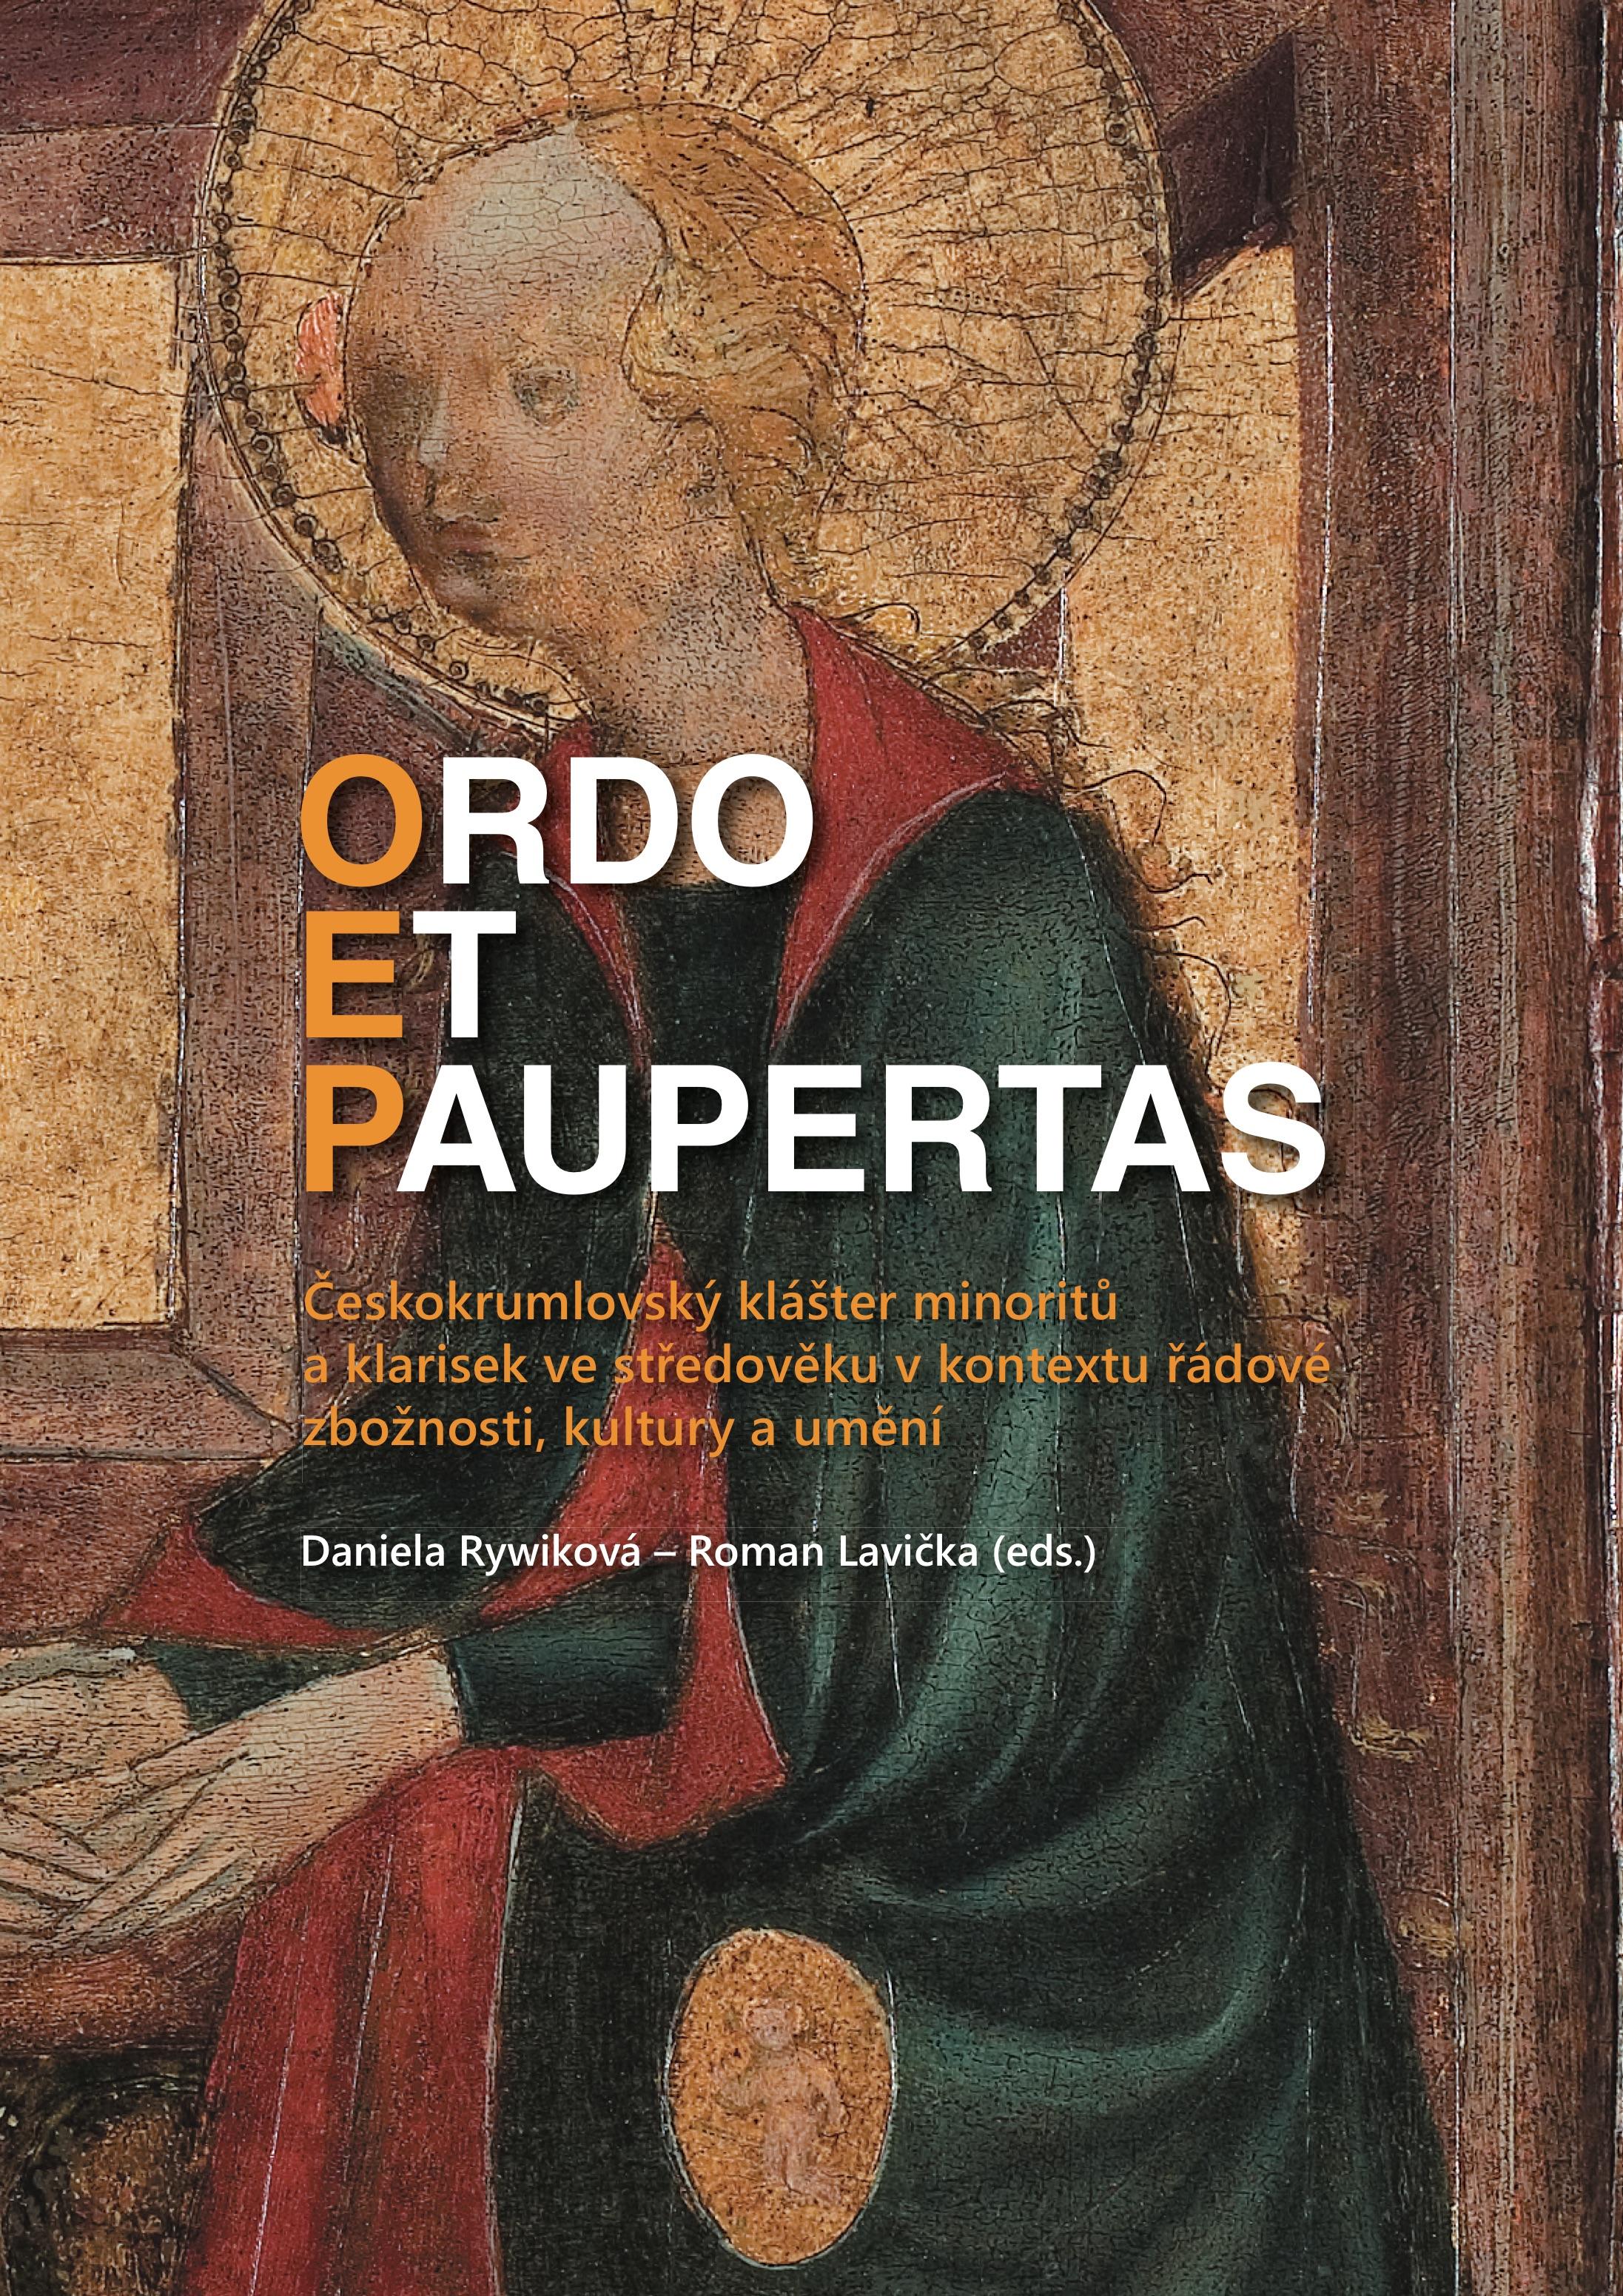 Ordo et paupertas. Českokrumlovský klášter minoritů aklarisek vestředověku vkontextu řádové zbožnosti, kultury aumění